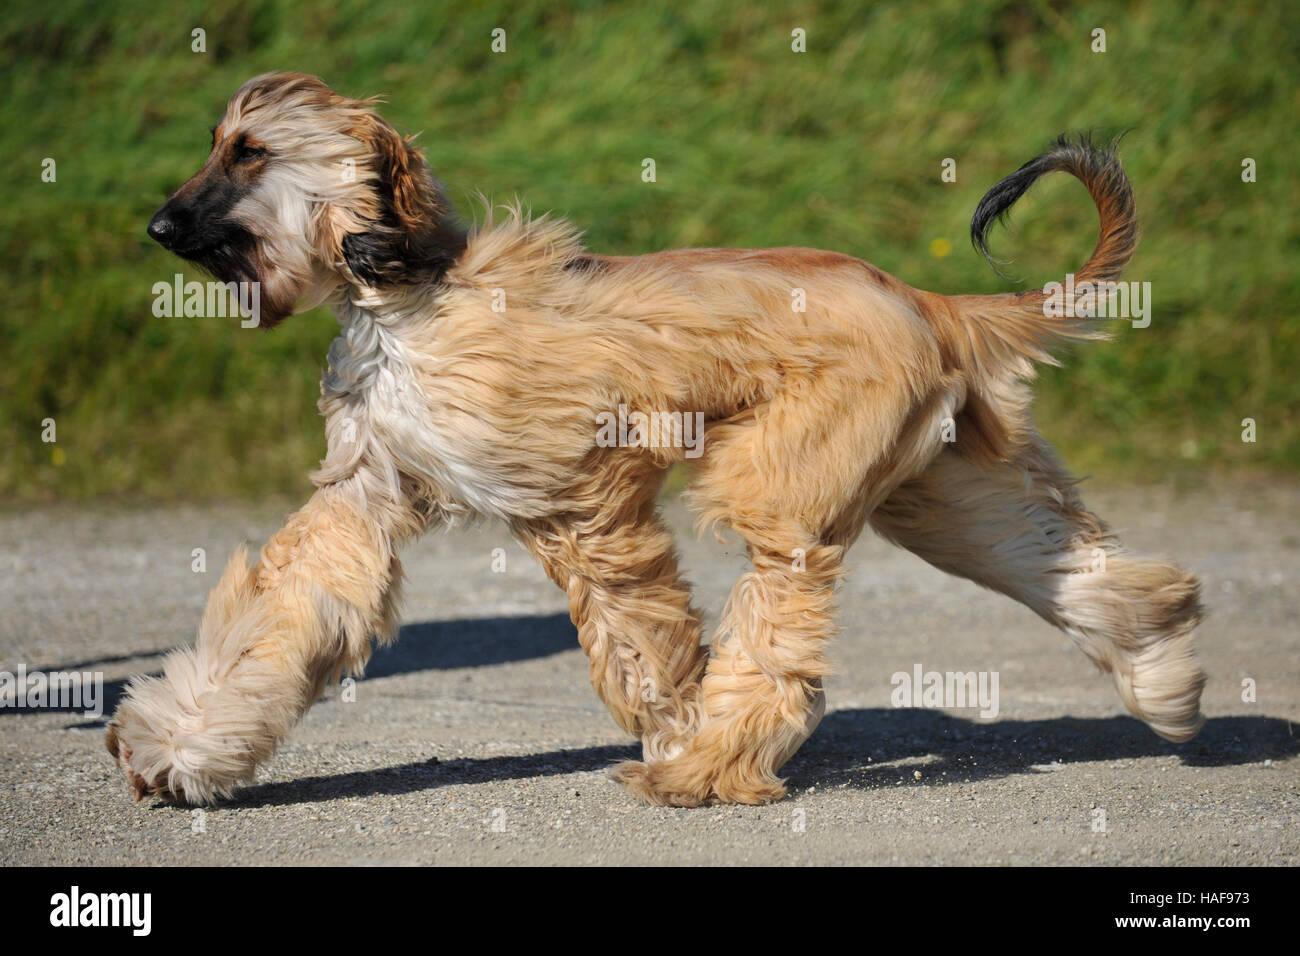 Trotting cachorro afgano Imagen De Stock